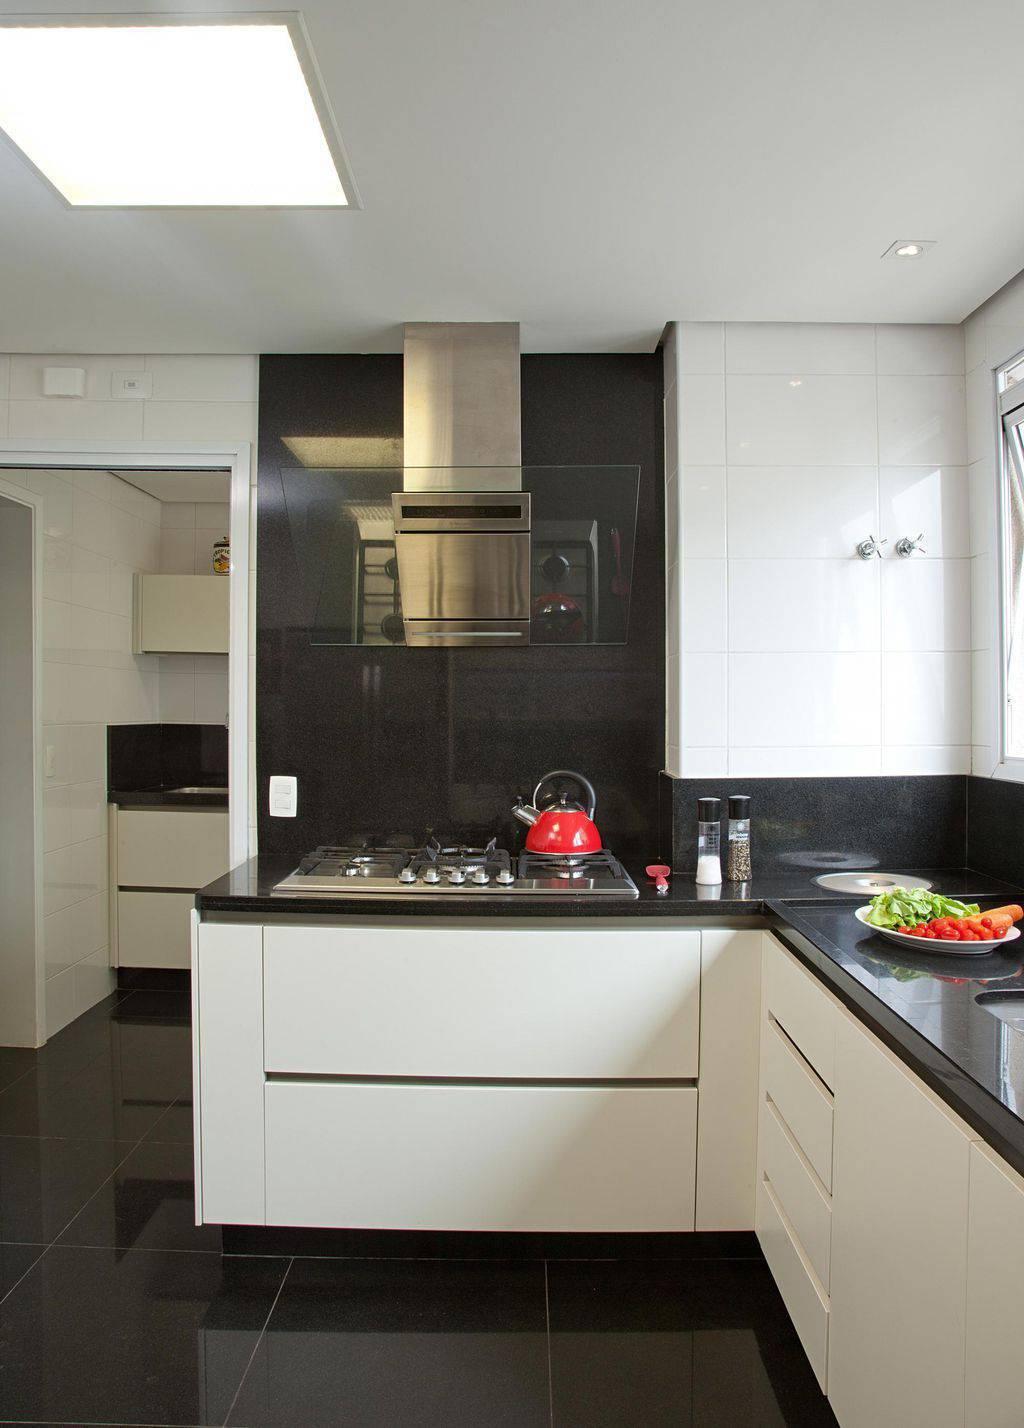 cozinha planejada com cooktop patricia kolanian 354